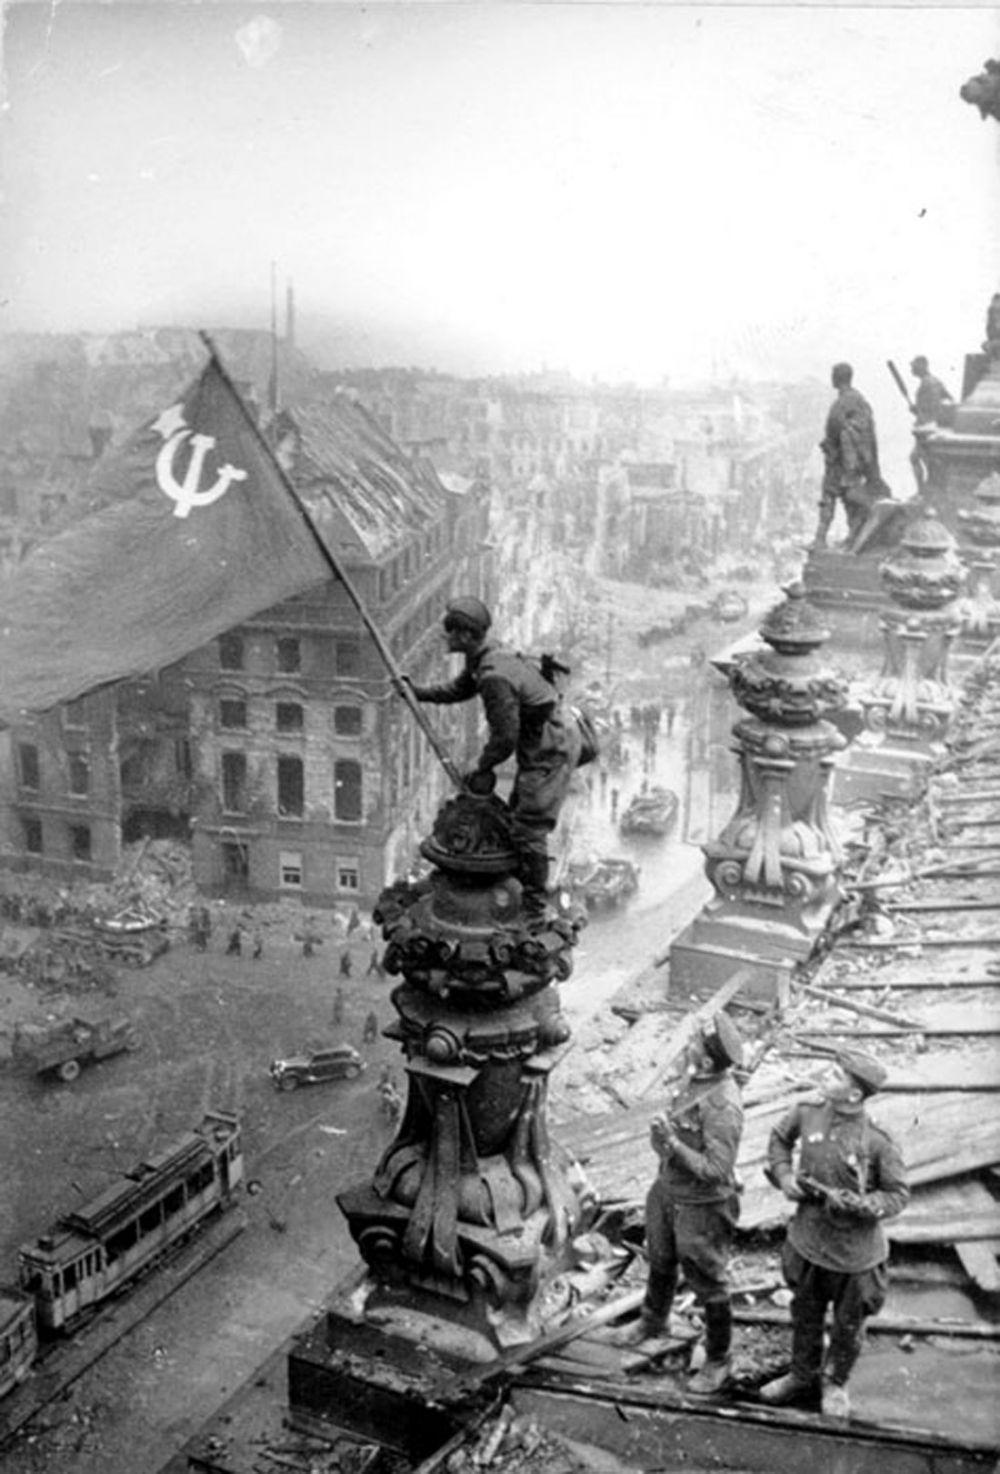 Весной 1945 года в ходе битвы за Берлин в разных местах города были водружены красные знамёна, в том числе несколько на здании Рейхстага. Впоследствии, чтобы сделать запоминающийся образ победы, были сняты несколько постановочных снимков установки Знамени Победы над Рейхстагом, одно из них стало всемирно известным.